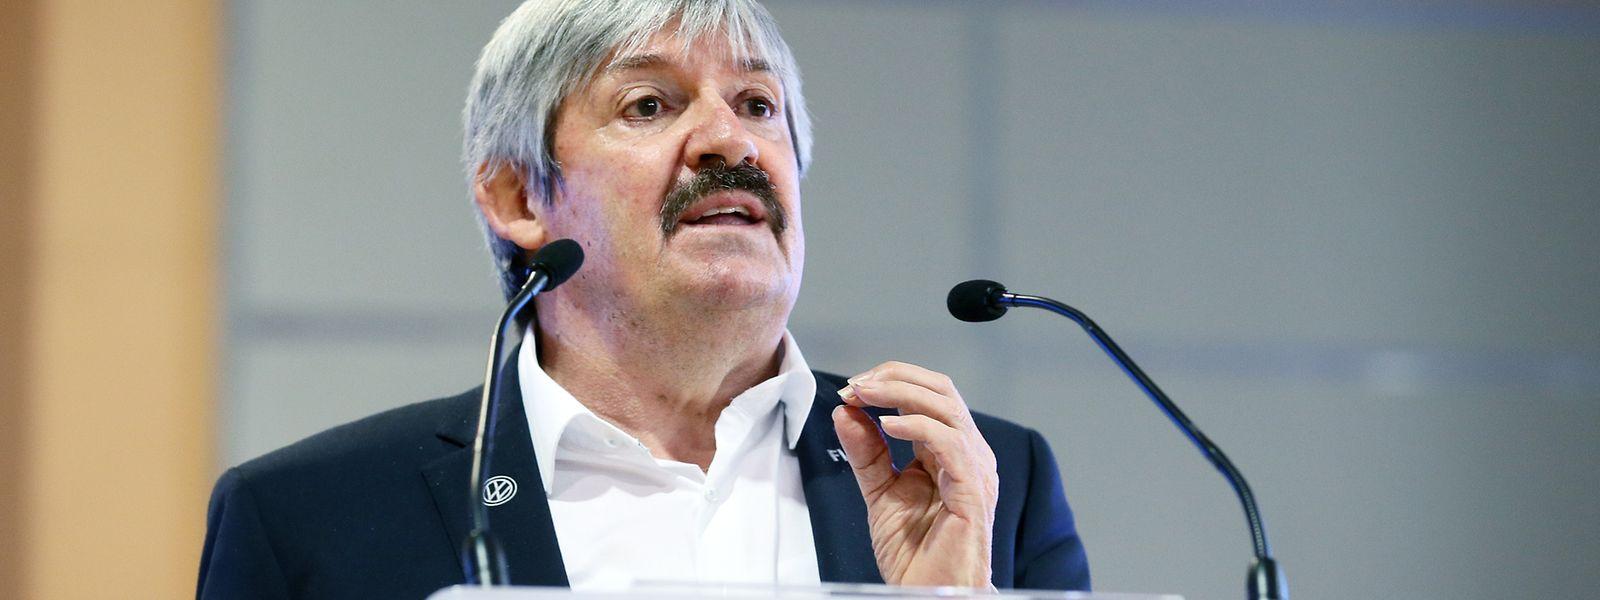 FLF-Präsident Paul Philipp will sich jedes Wochenende mindestens ein BGL-Ligue-Spiel anschauen.